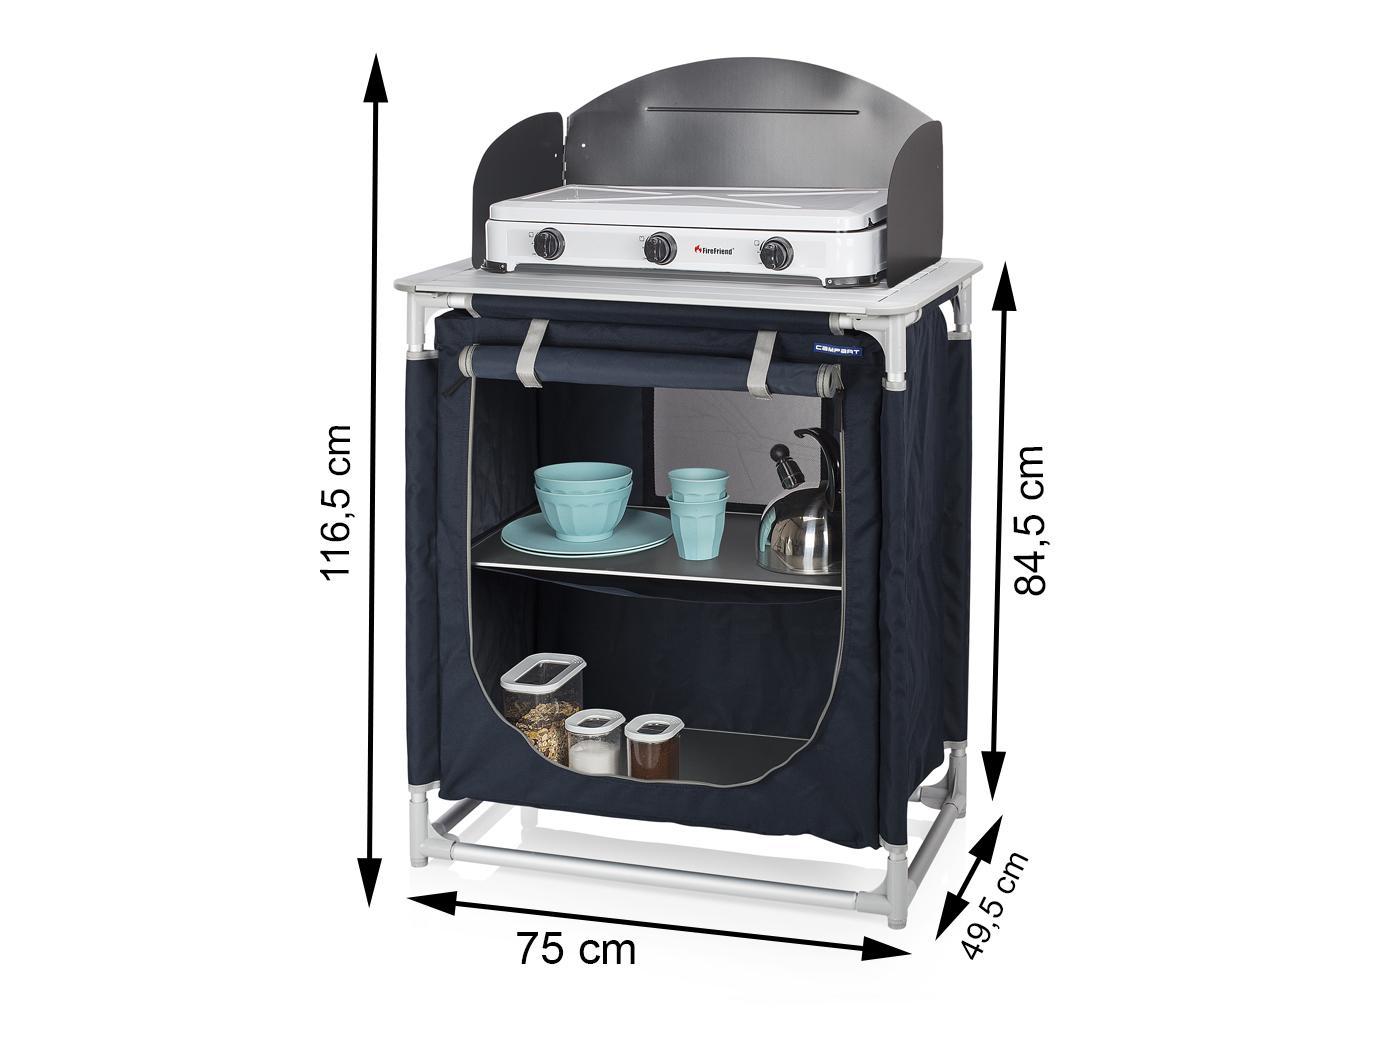 Outdoorküche Klappbar Forum : Camping k che ausstattung einer camping küche camperstyle